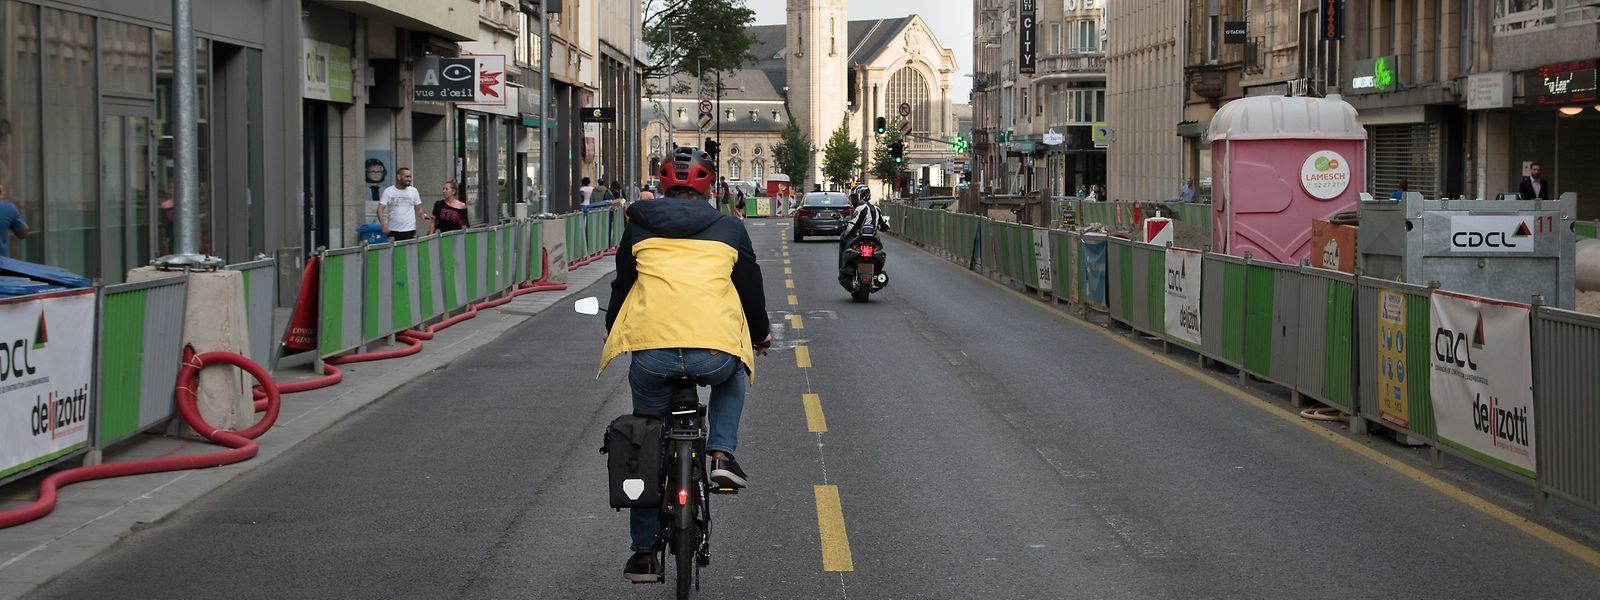 Genaue Zahlen zu Radfahrern, die jeden Tag im Bahnhofsviertel unterwegs sind, liegen nicht vor. Doch ein automatisierter Zähler des Mobilitätsministeriums am Pont Adolphe zeigt, dass dort im Mai pro Tag bis zu 800 Radfahrer die Passerelle benutzt haben.